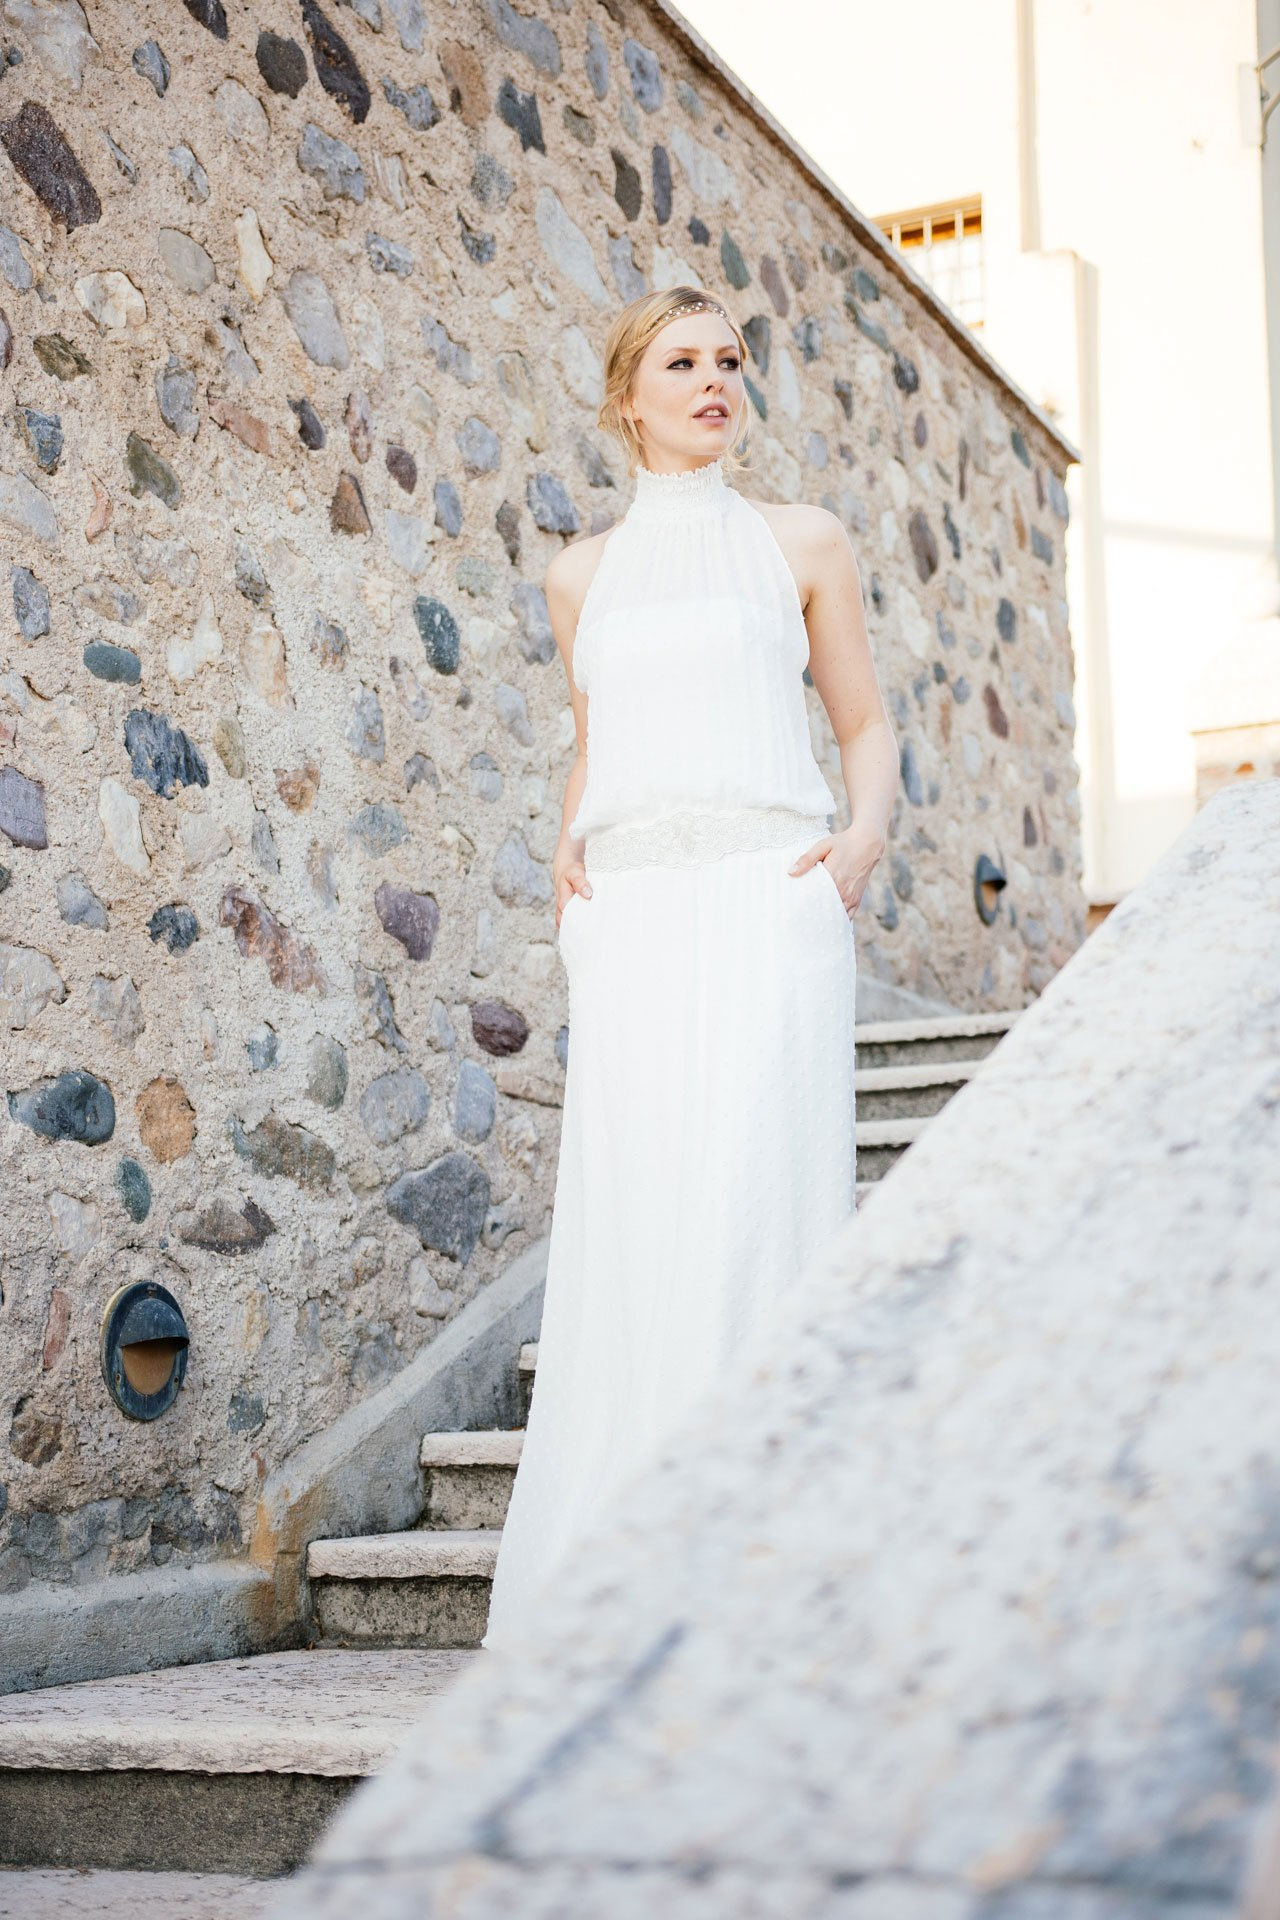 New Boho Brautkleid aus angesagtem Punktechiffon für moderne Bräute